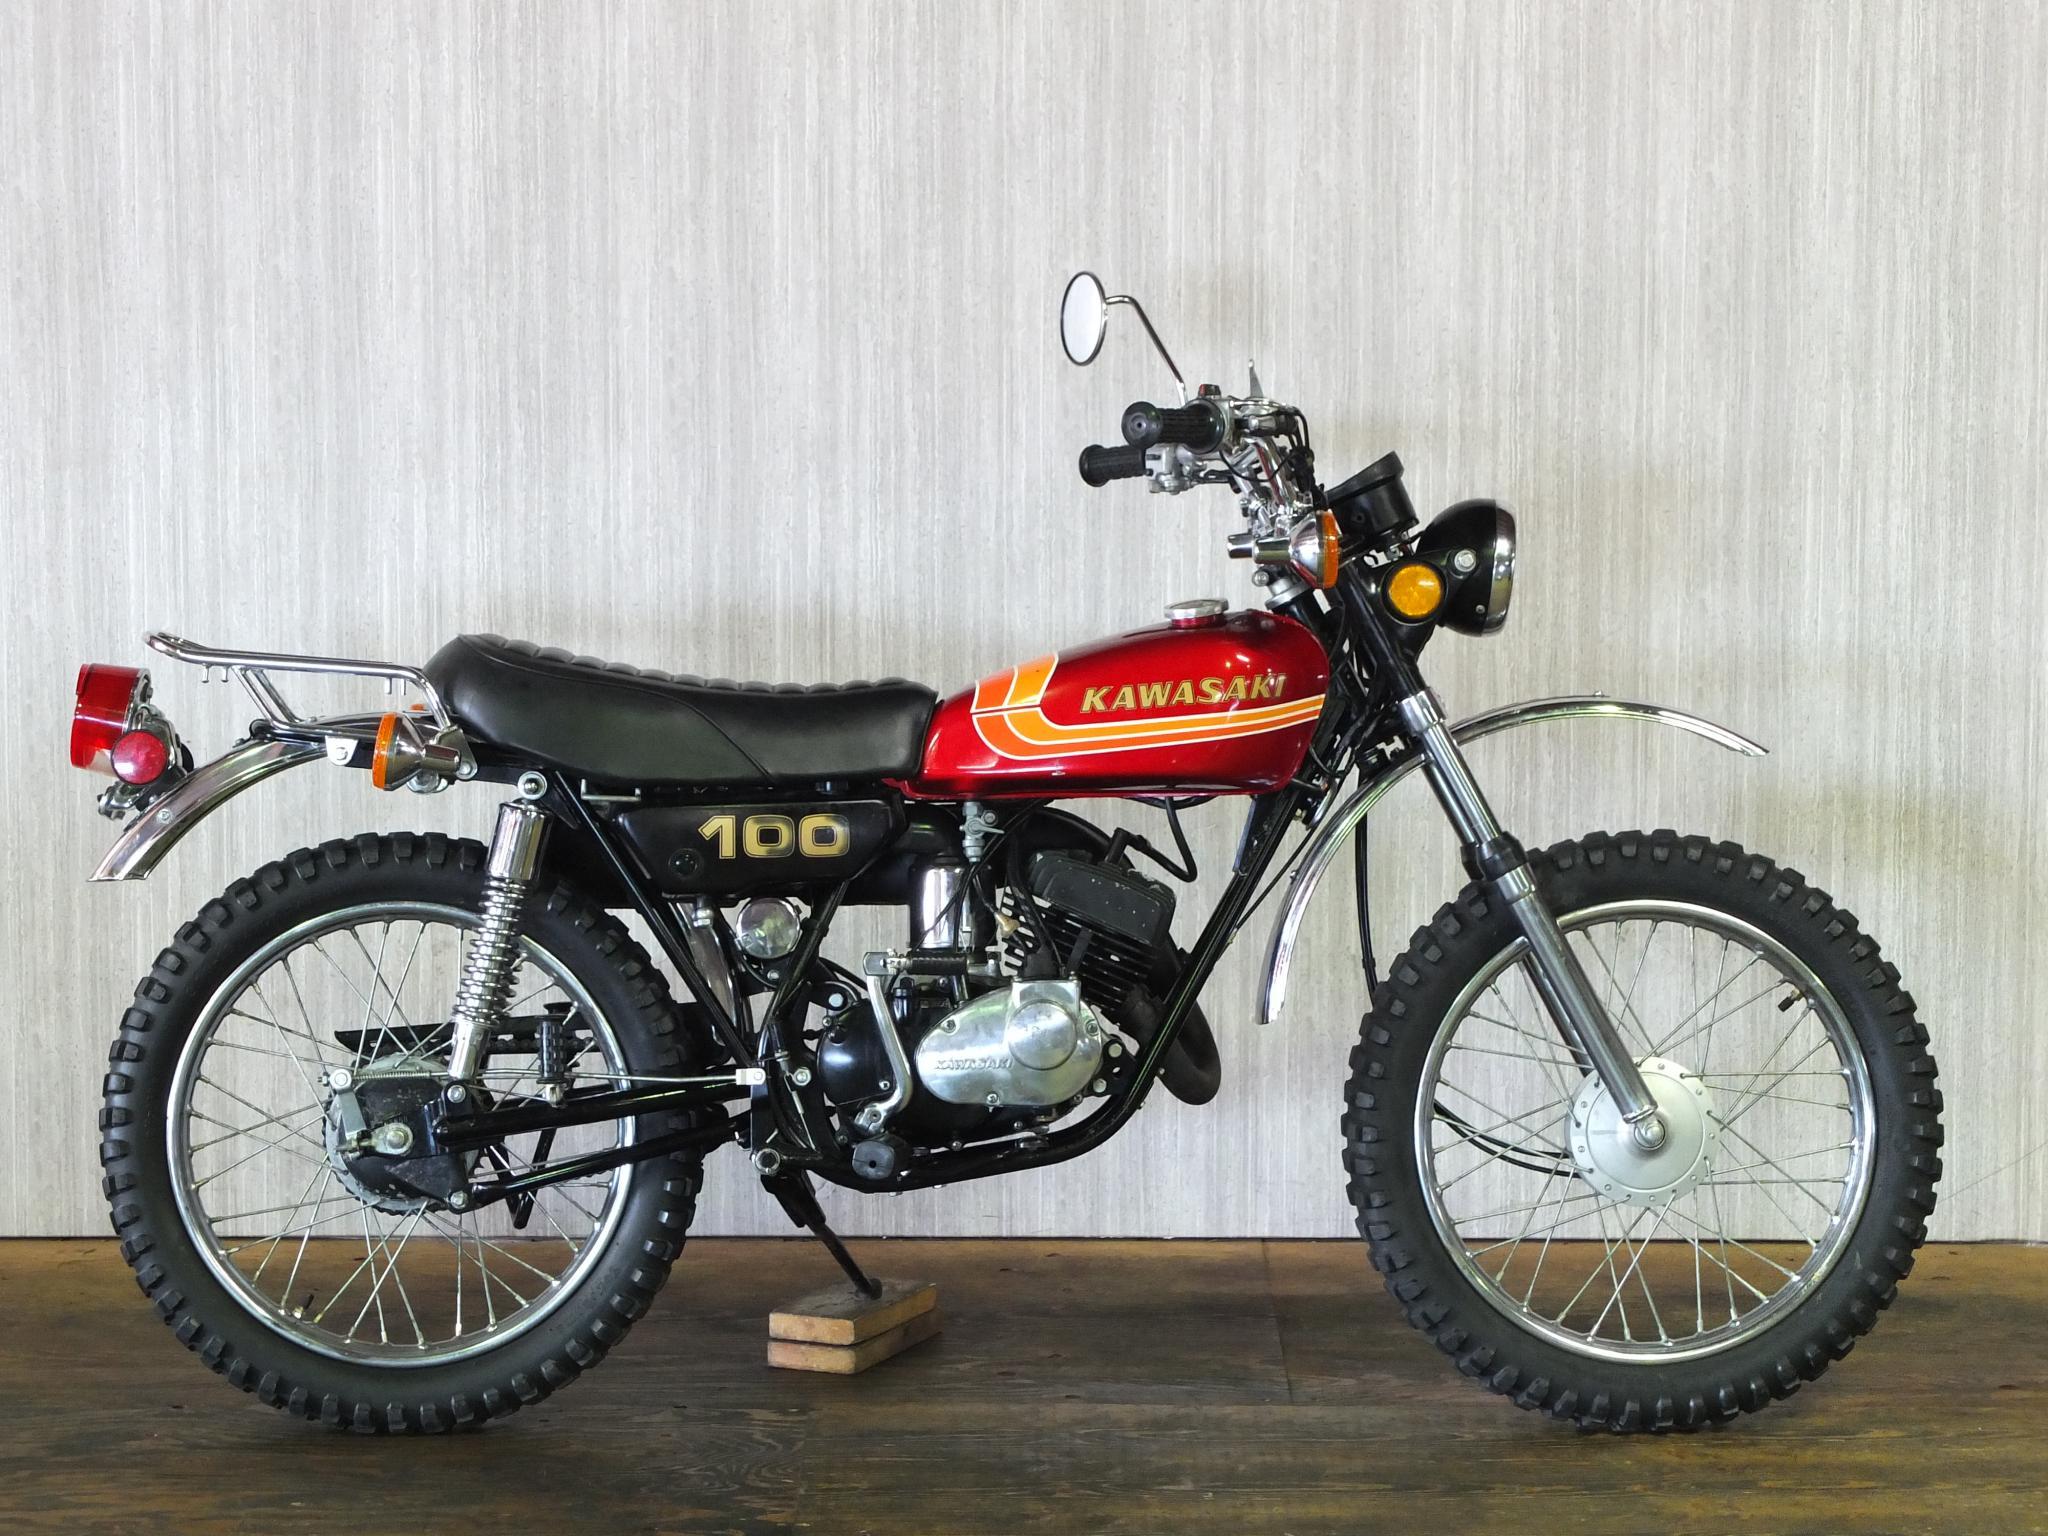 カワサキ 1973 Kawasaki KV100 車体写真1